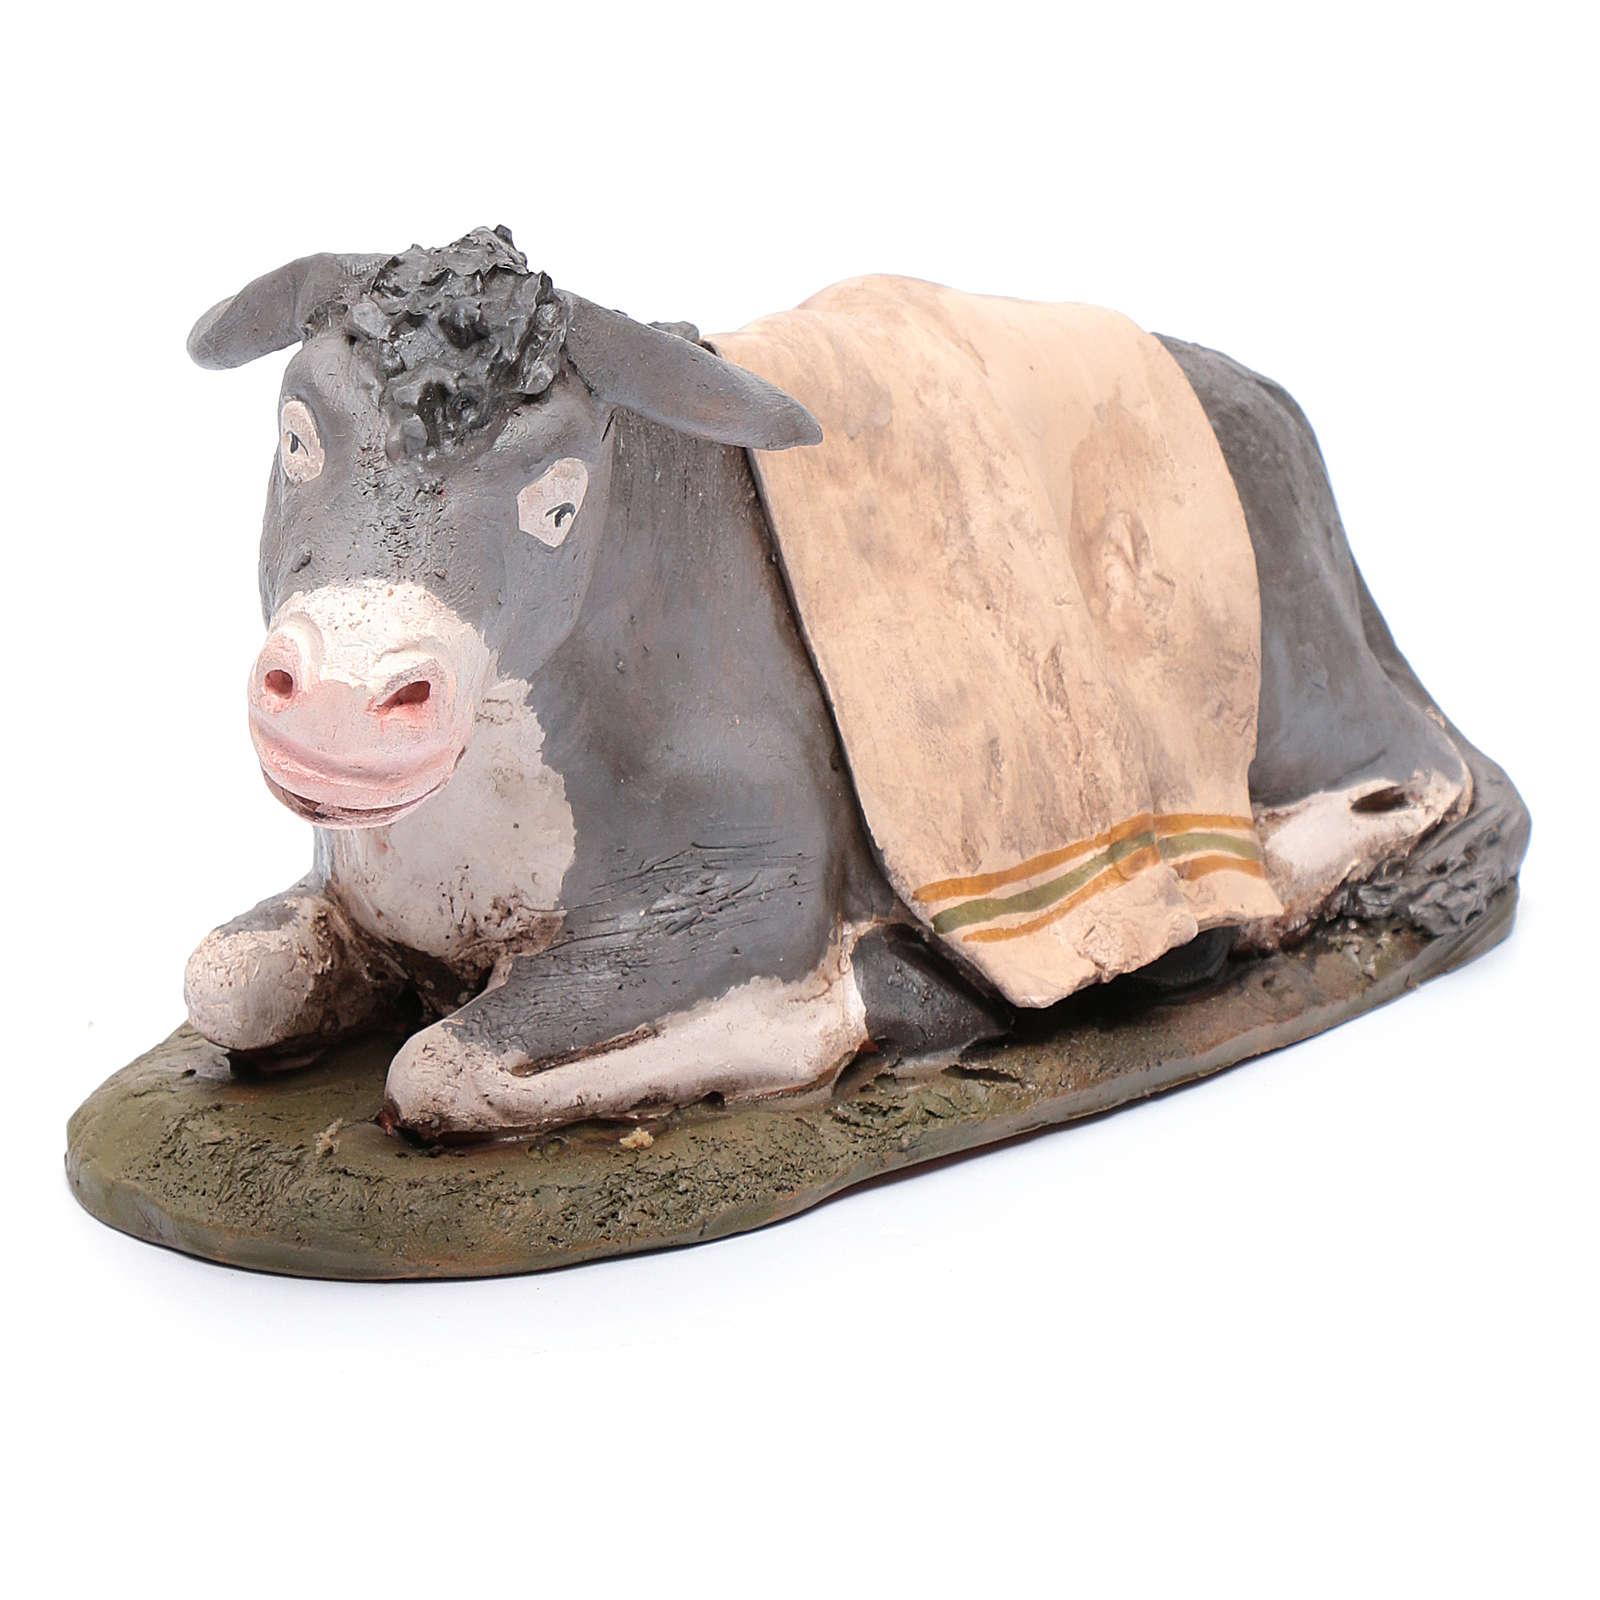 Âne décoré crèche Deruta 30 cm terre cuite 4